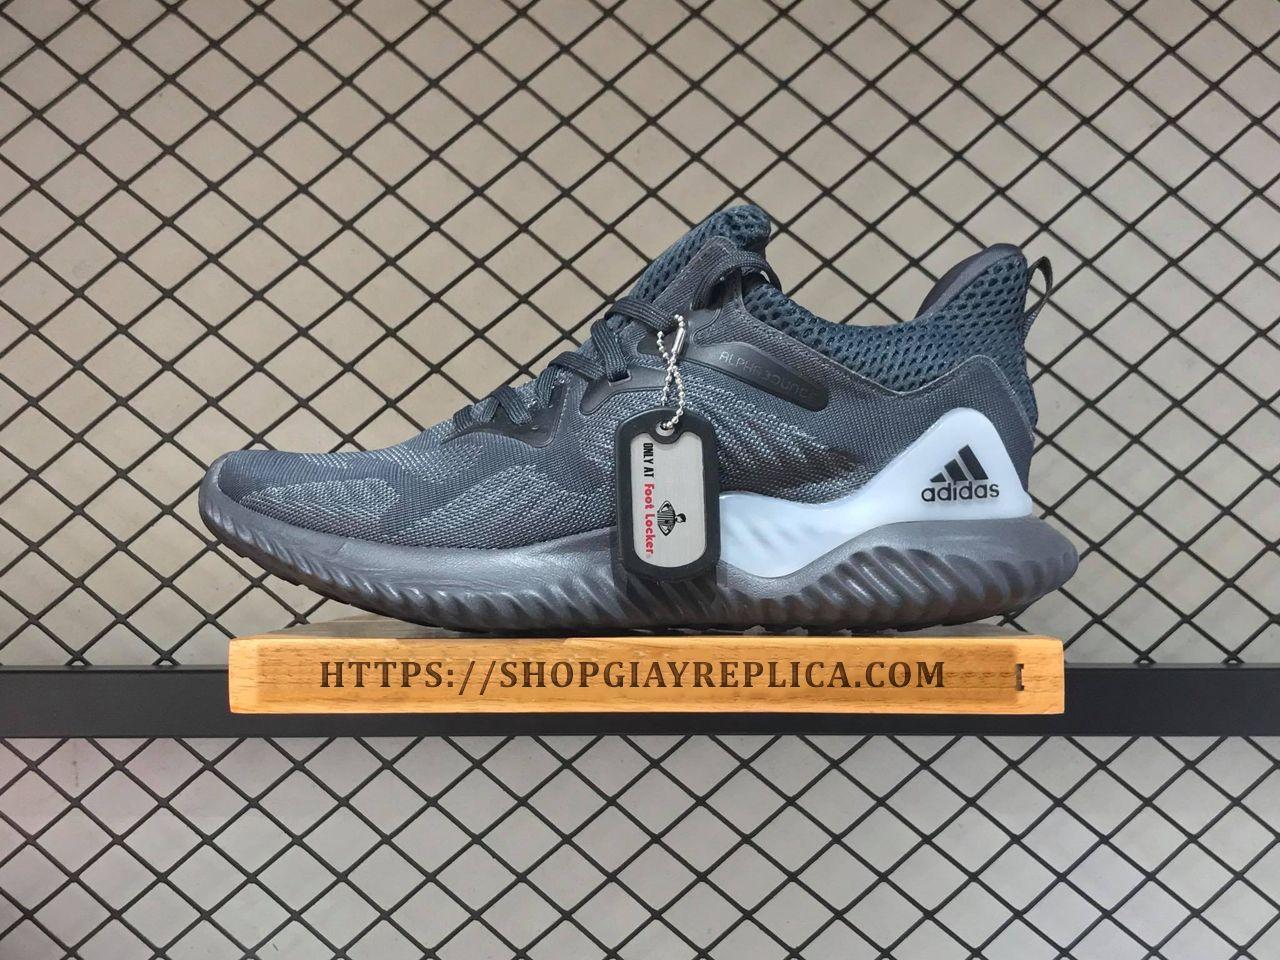 0f6a7f662 Giày Adidas AlphaBounce Beyond xám Replica 1 1 giá tốt nhất tại Hà ...